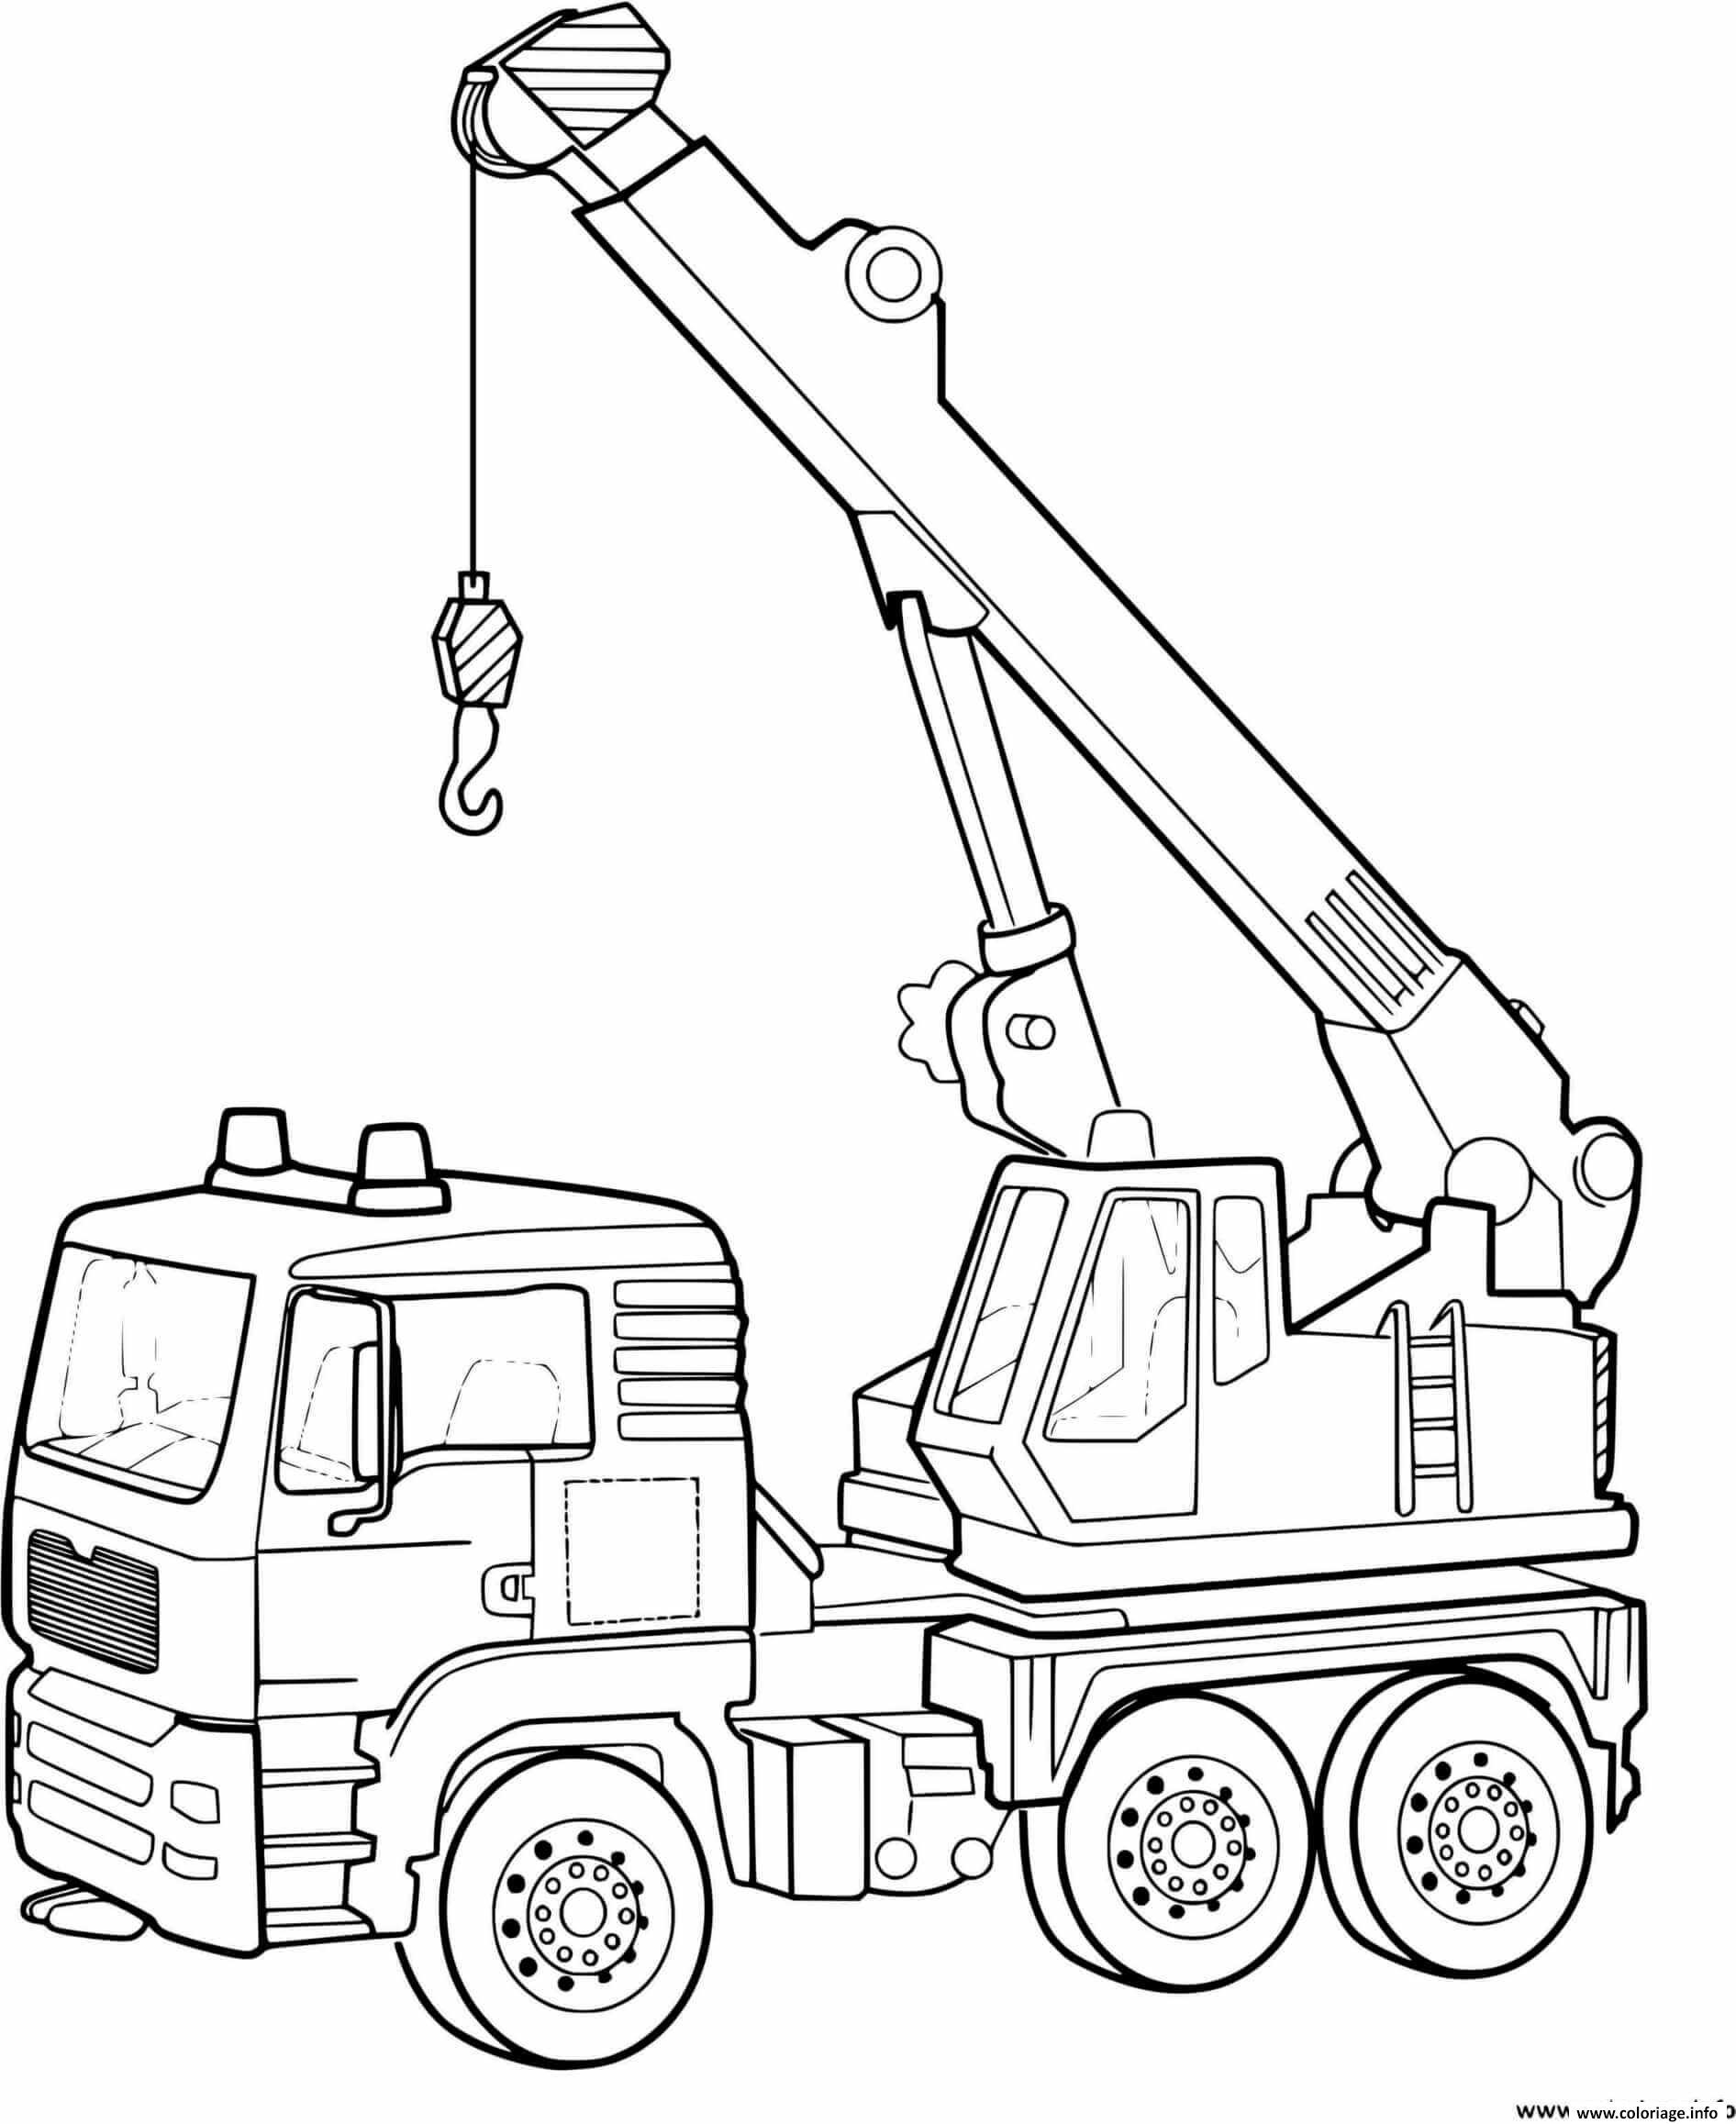 Dessin camion grue construction chantier Coloriage Gratuit à Imprimer